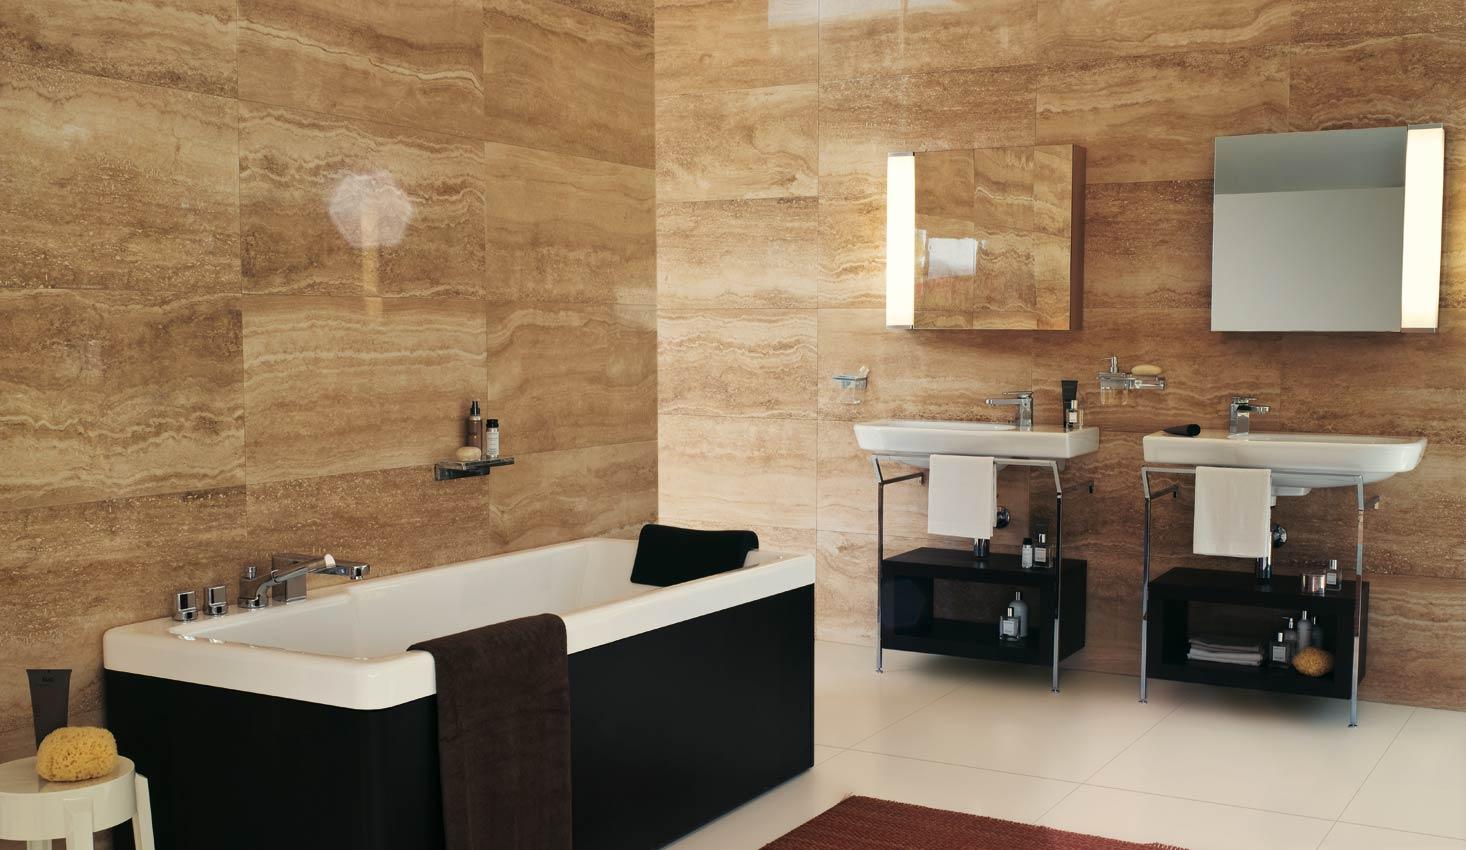 Bagni In Marmo Immagini : Bagni in marmo lavorazione marmo roma cesaroni